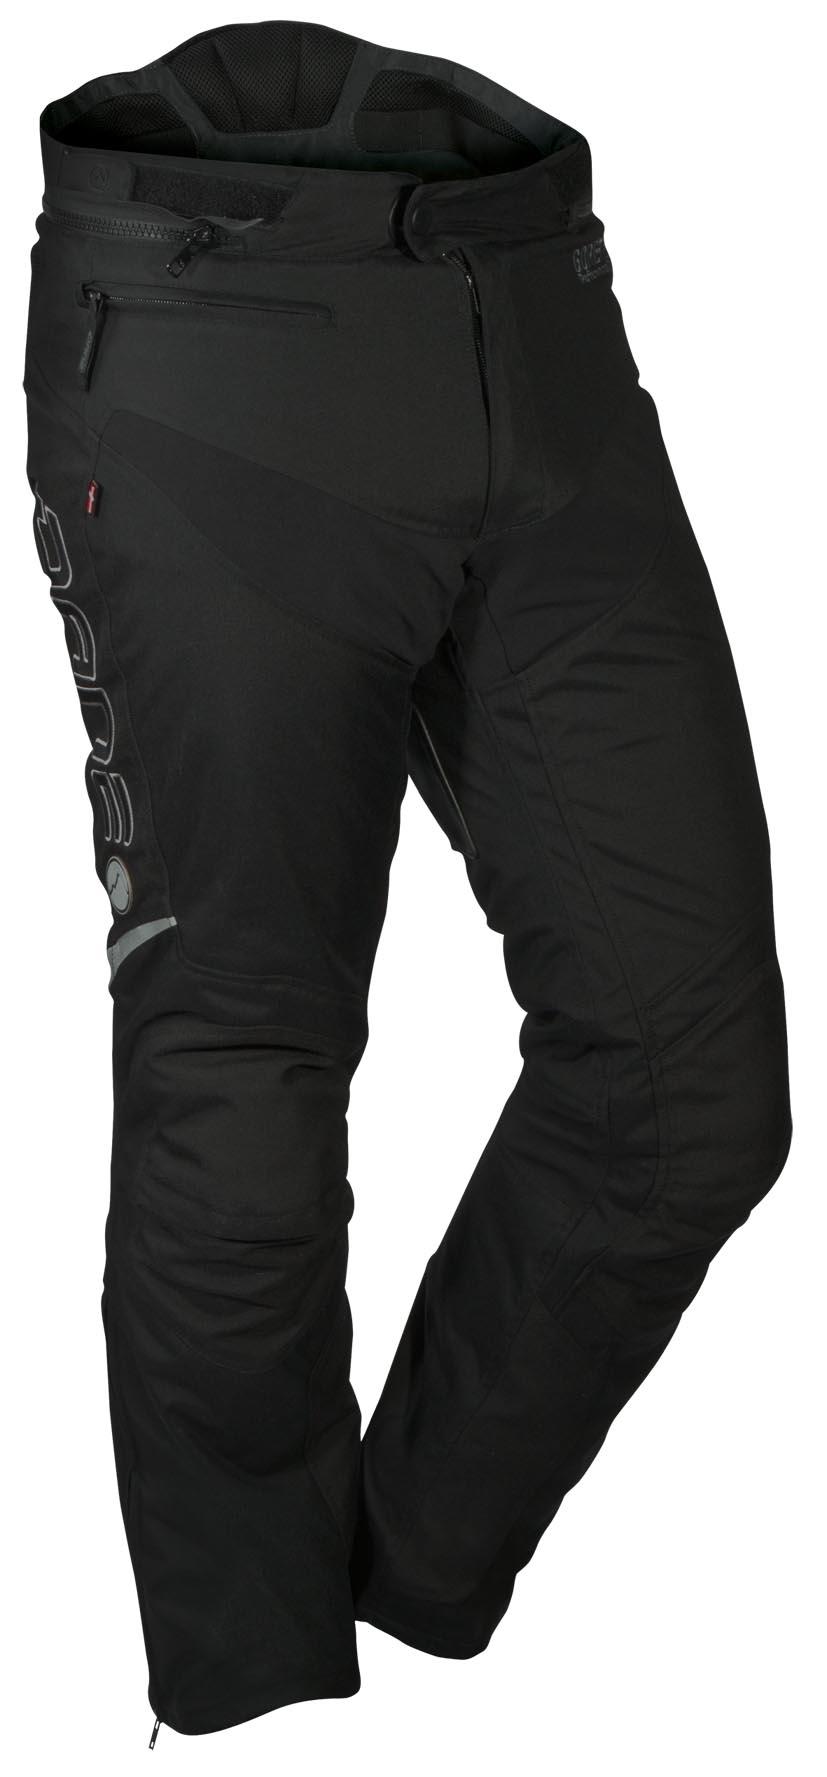 Pantalon Jylland Gore-tex Noir - Dane